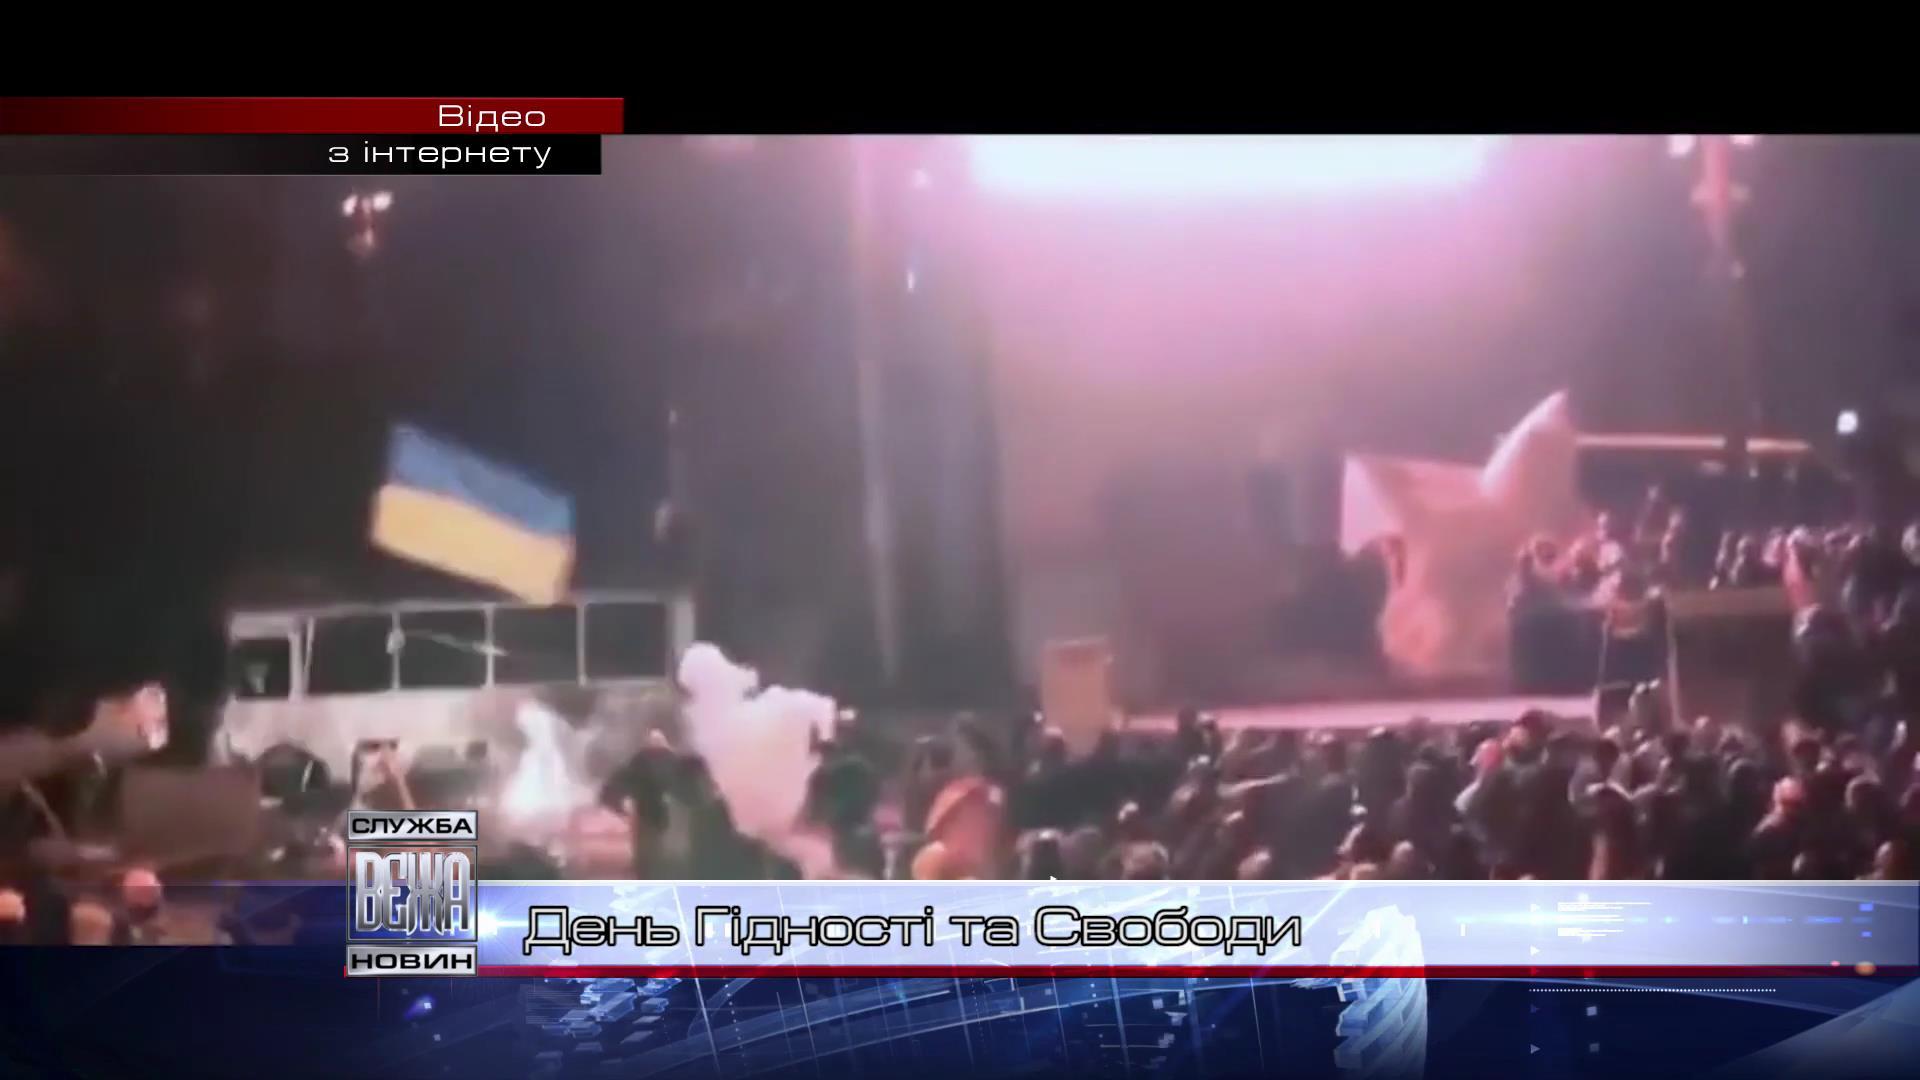 В Івано-Франківську відзначили День Гідності і Свободи[19-18-05]